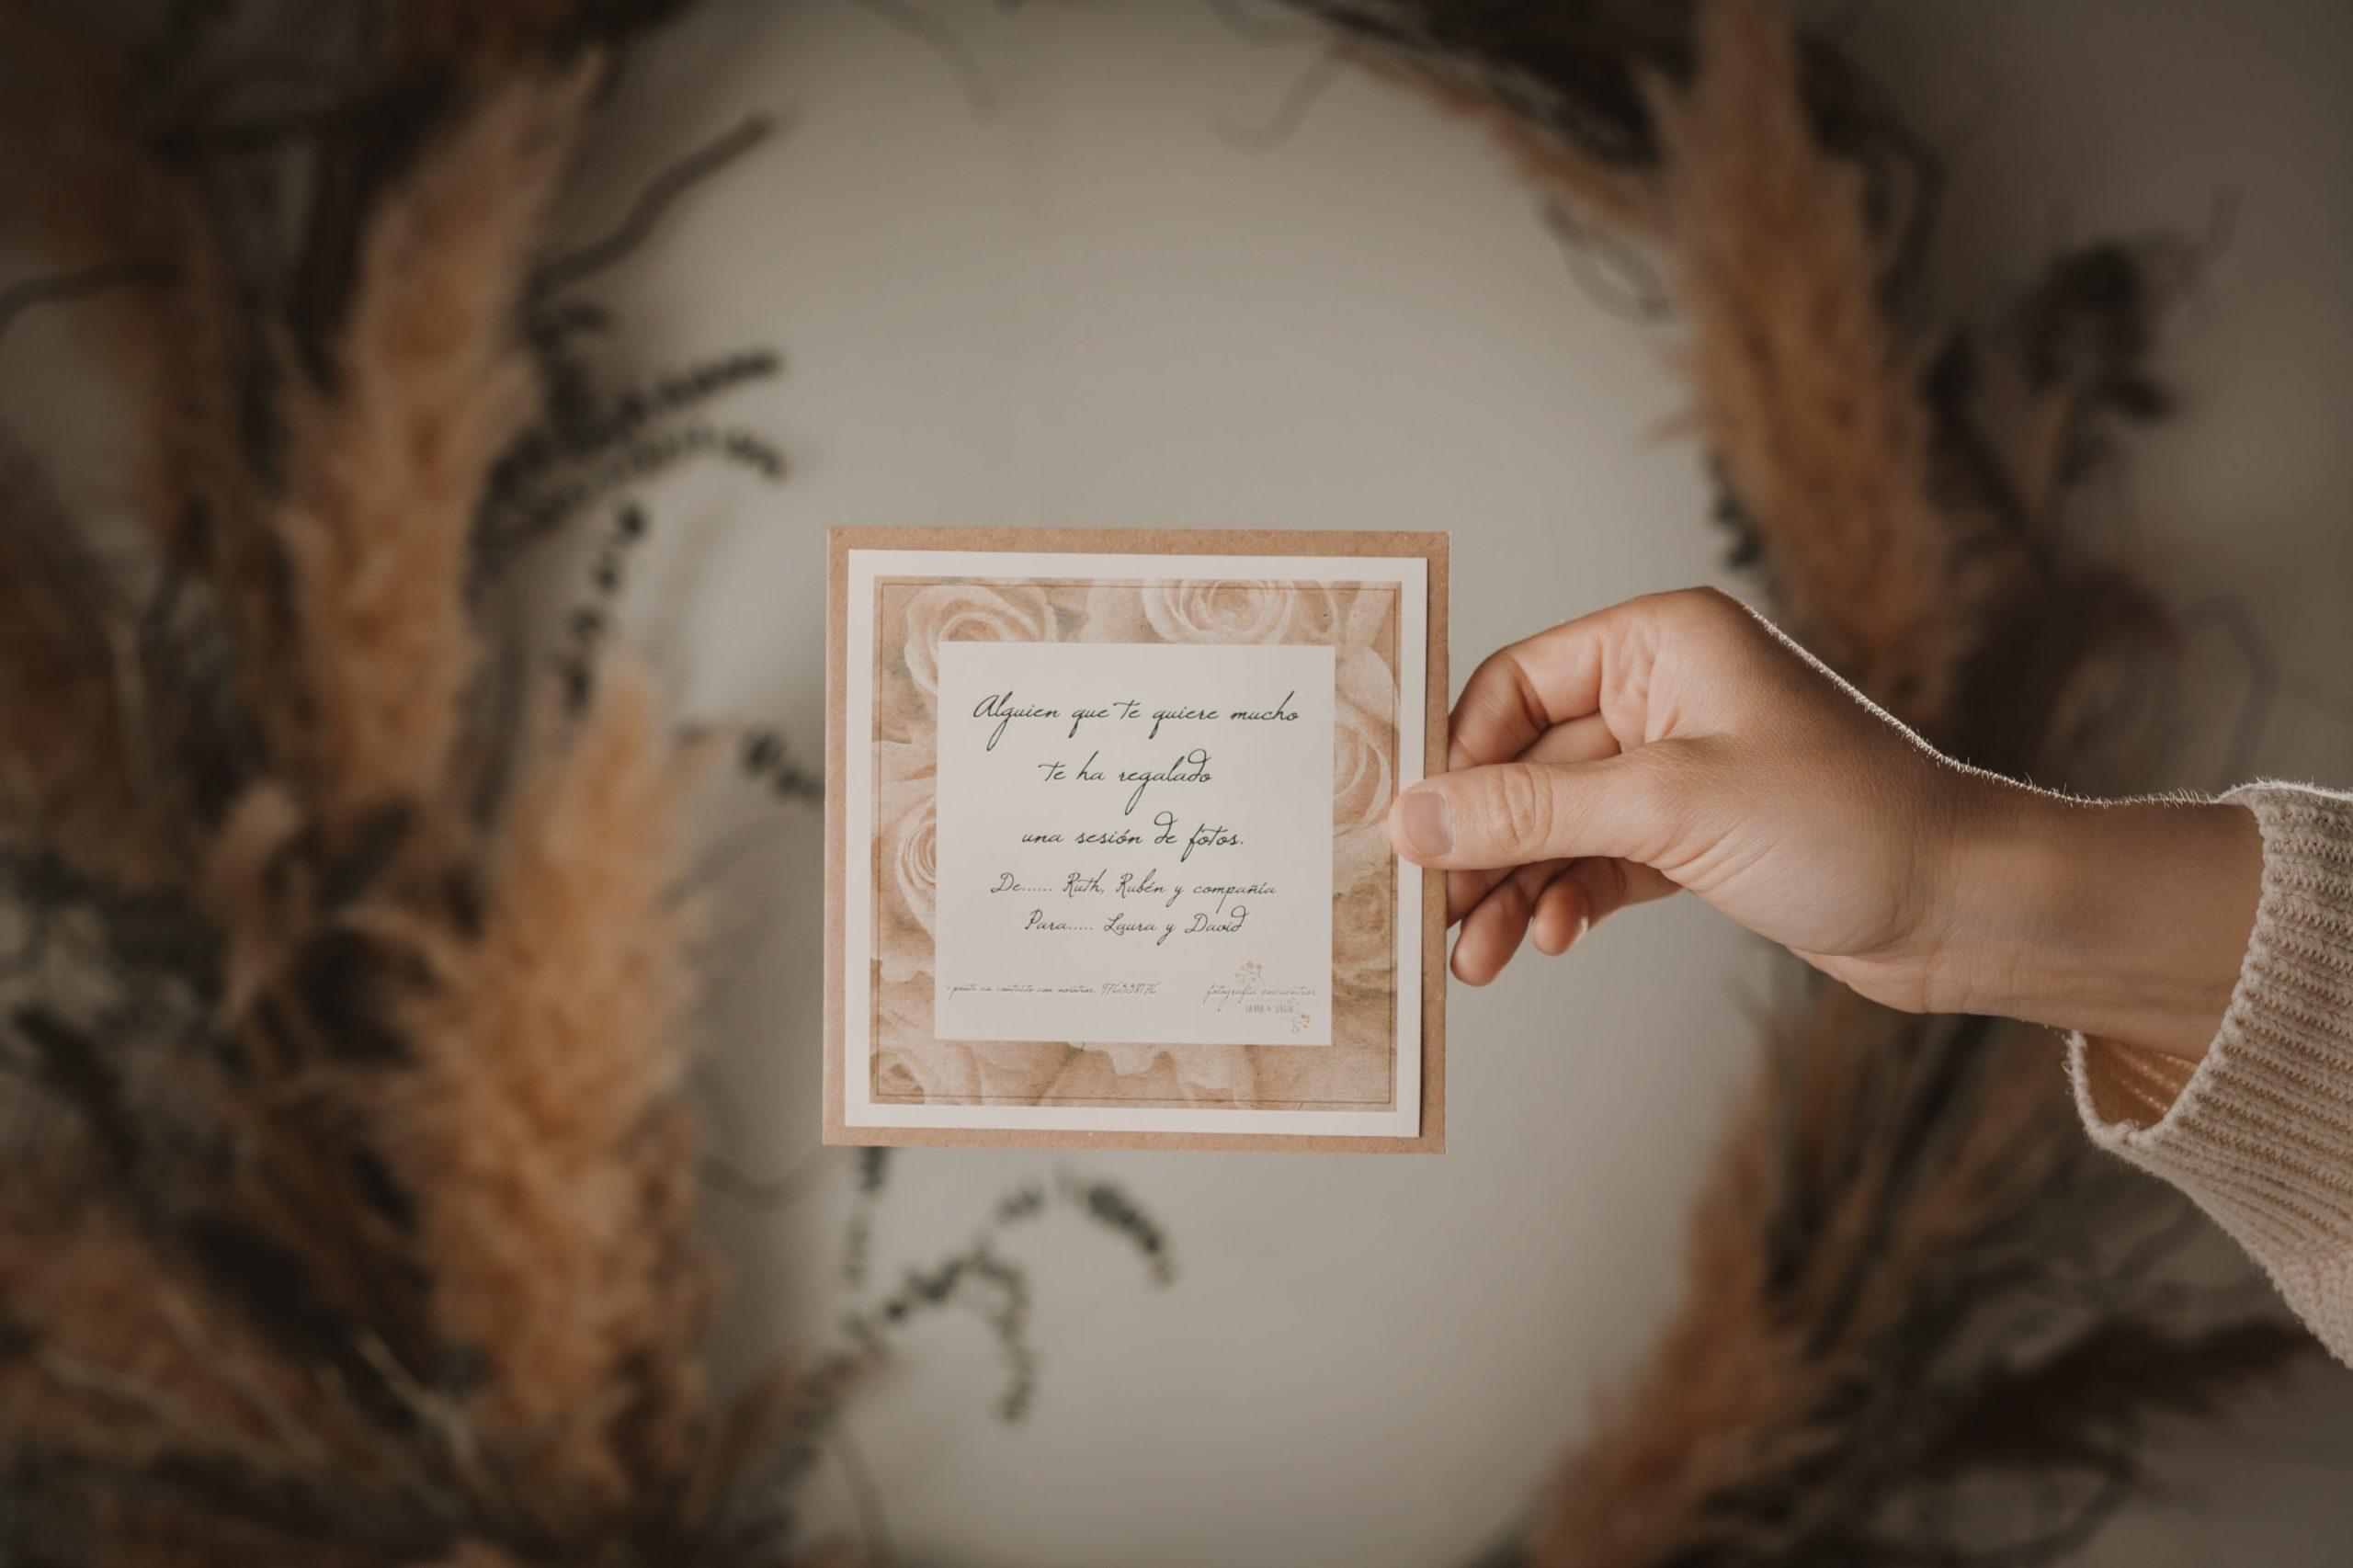 arjeta regalo, tarjeta regalo sesi—n de fotos, regalo original, regalo diferente, regalo sesion de fotos